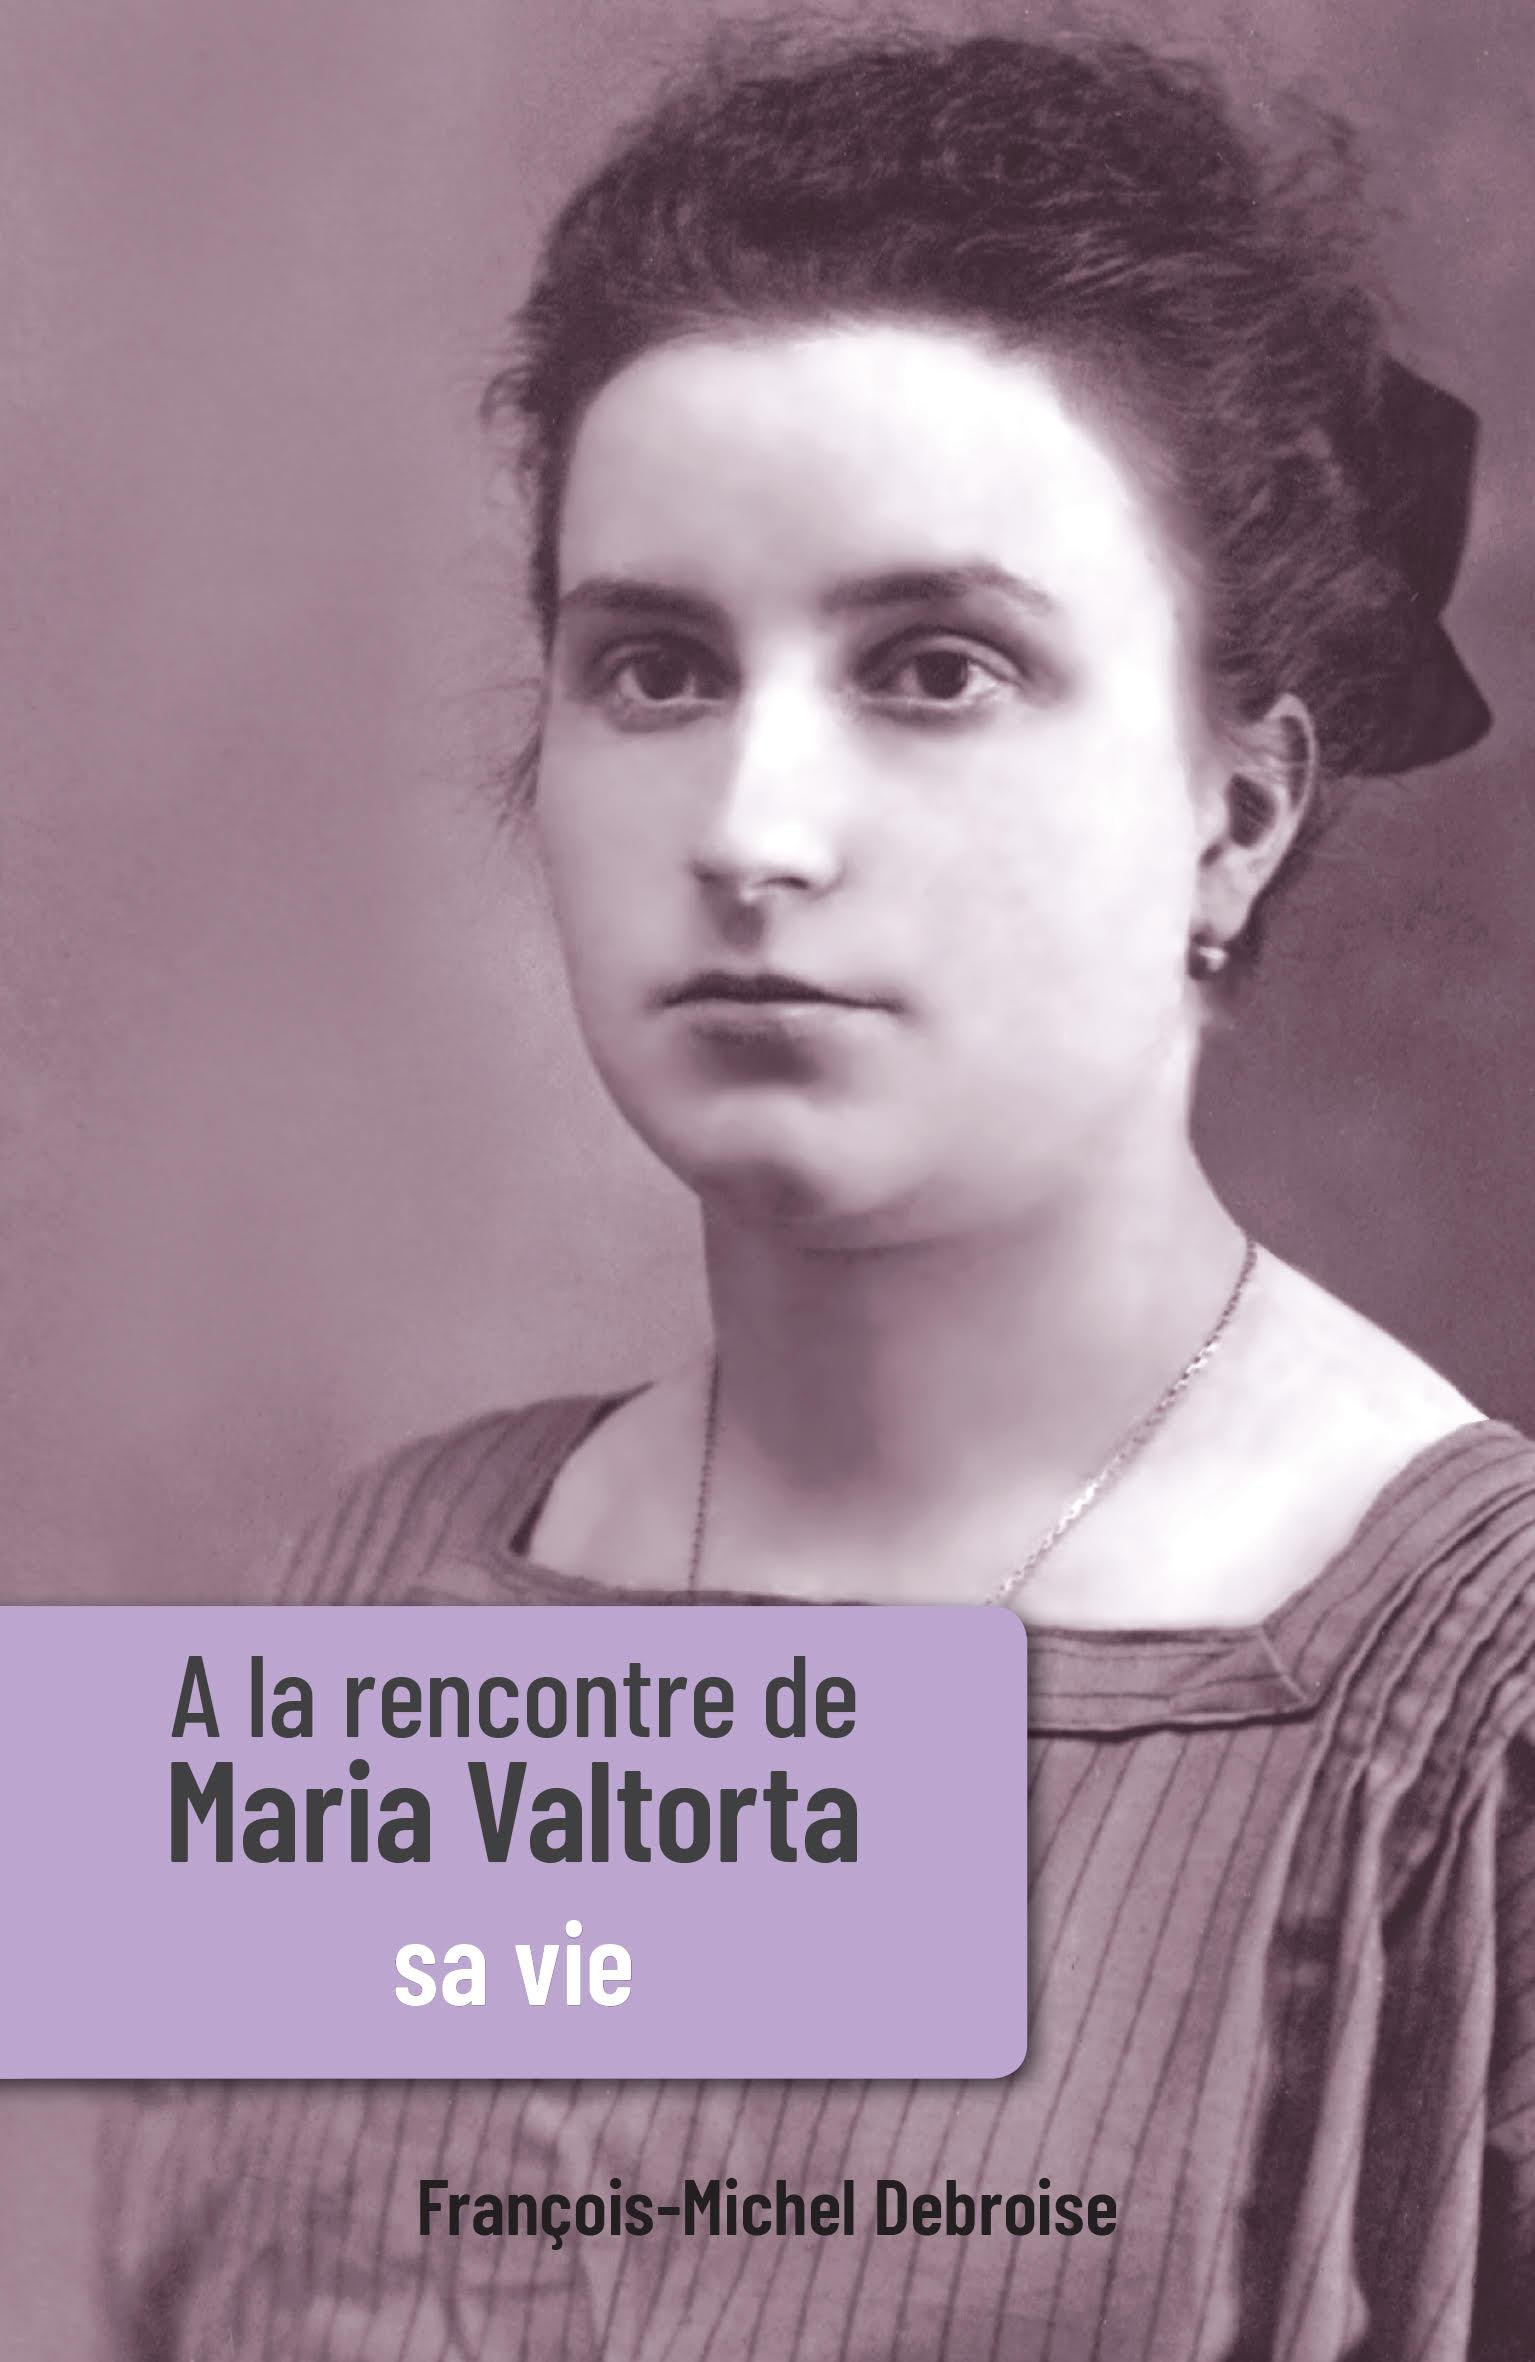 Deux nouveaux ouvrages de la Fondation Maria Valtorta!